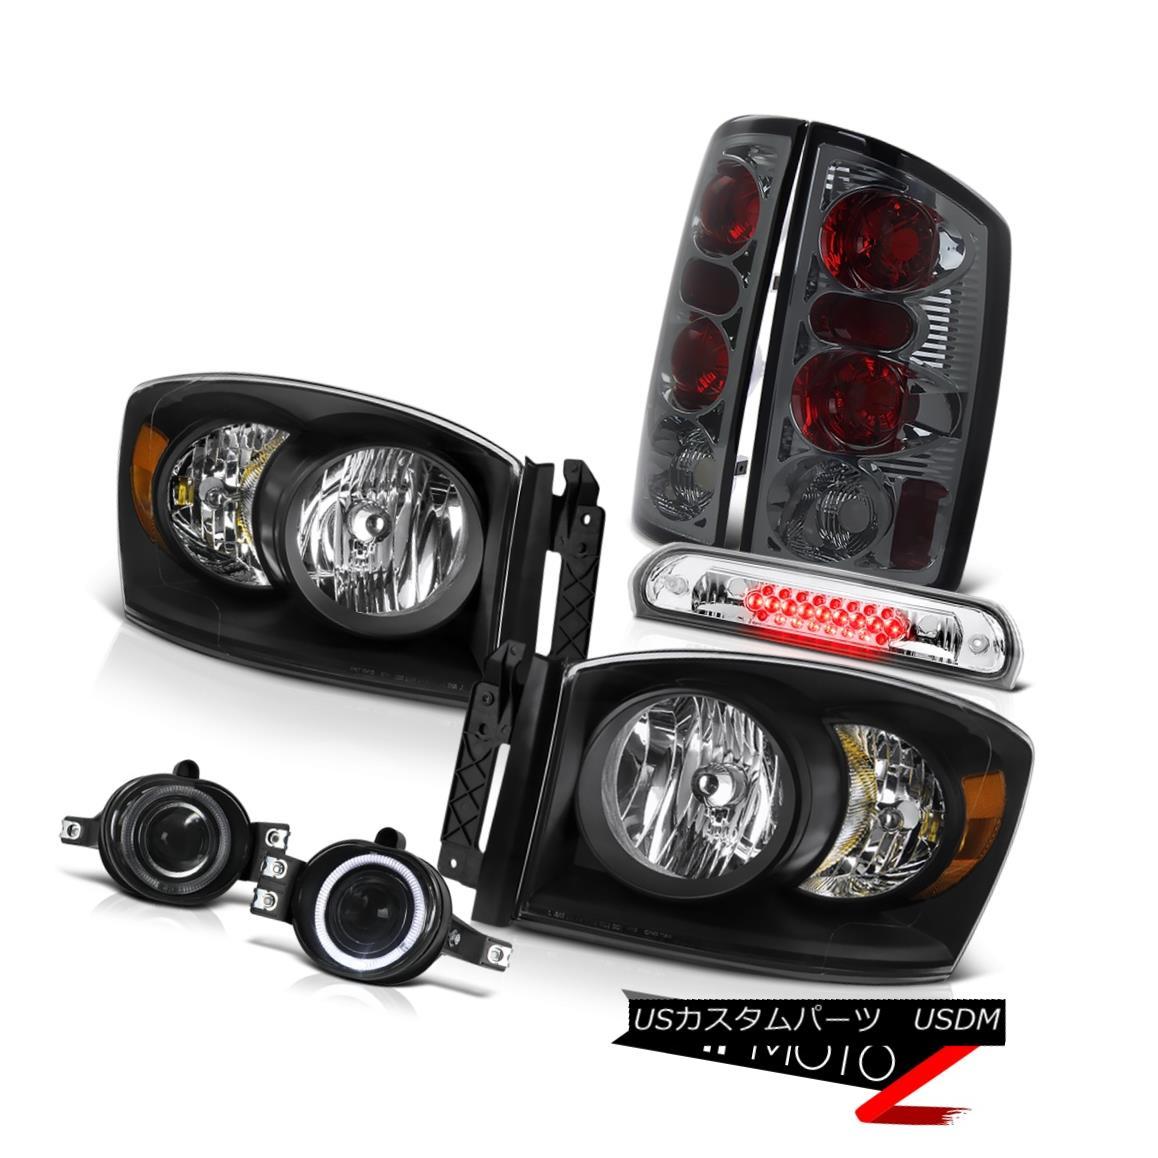 ヘッドライト Clear/Black Headlights Altezza Tail Lamps Fog Roof Brake Cargo 2006 Dodge Ram WS クリア/ブラックヘッドライトAltezzaテールランプフォグルーフブレーキカーゴ2006 Dodge Ram WS